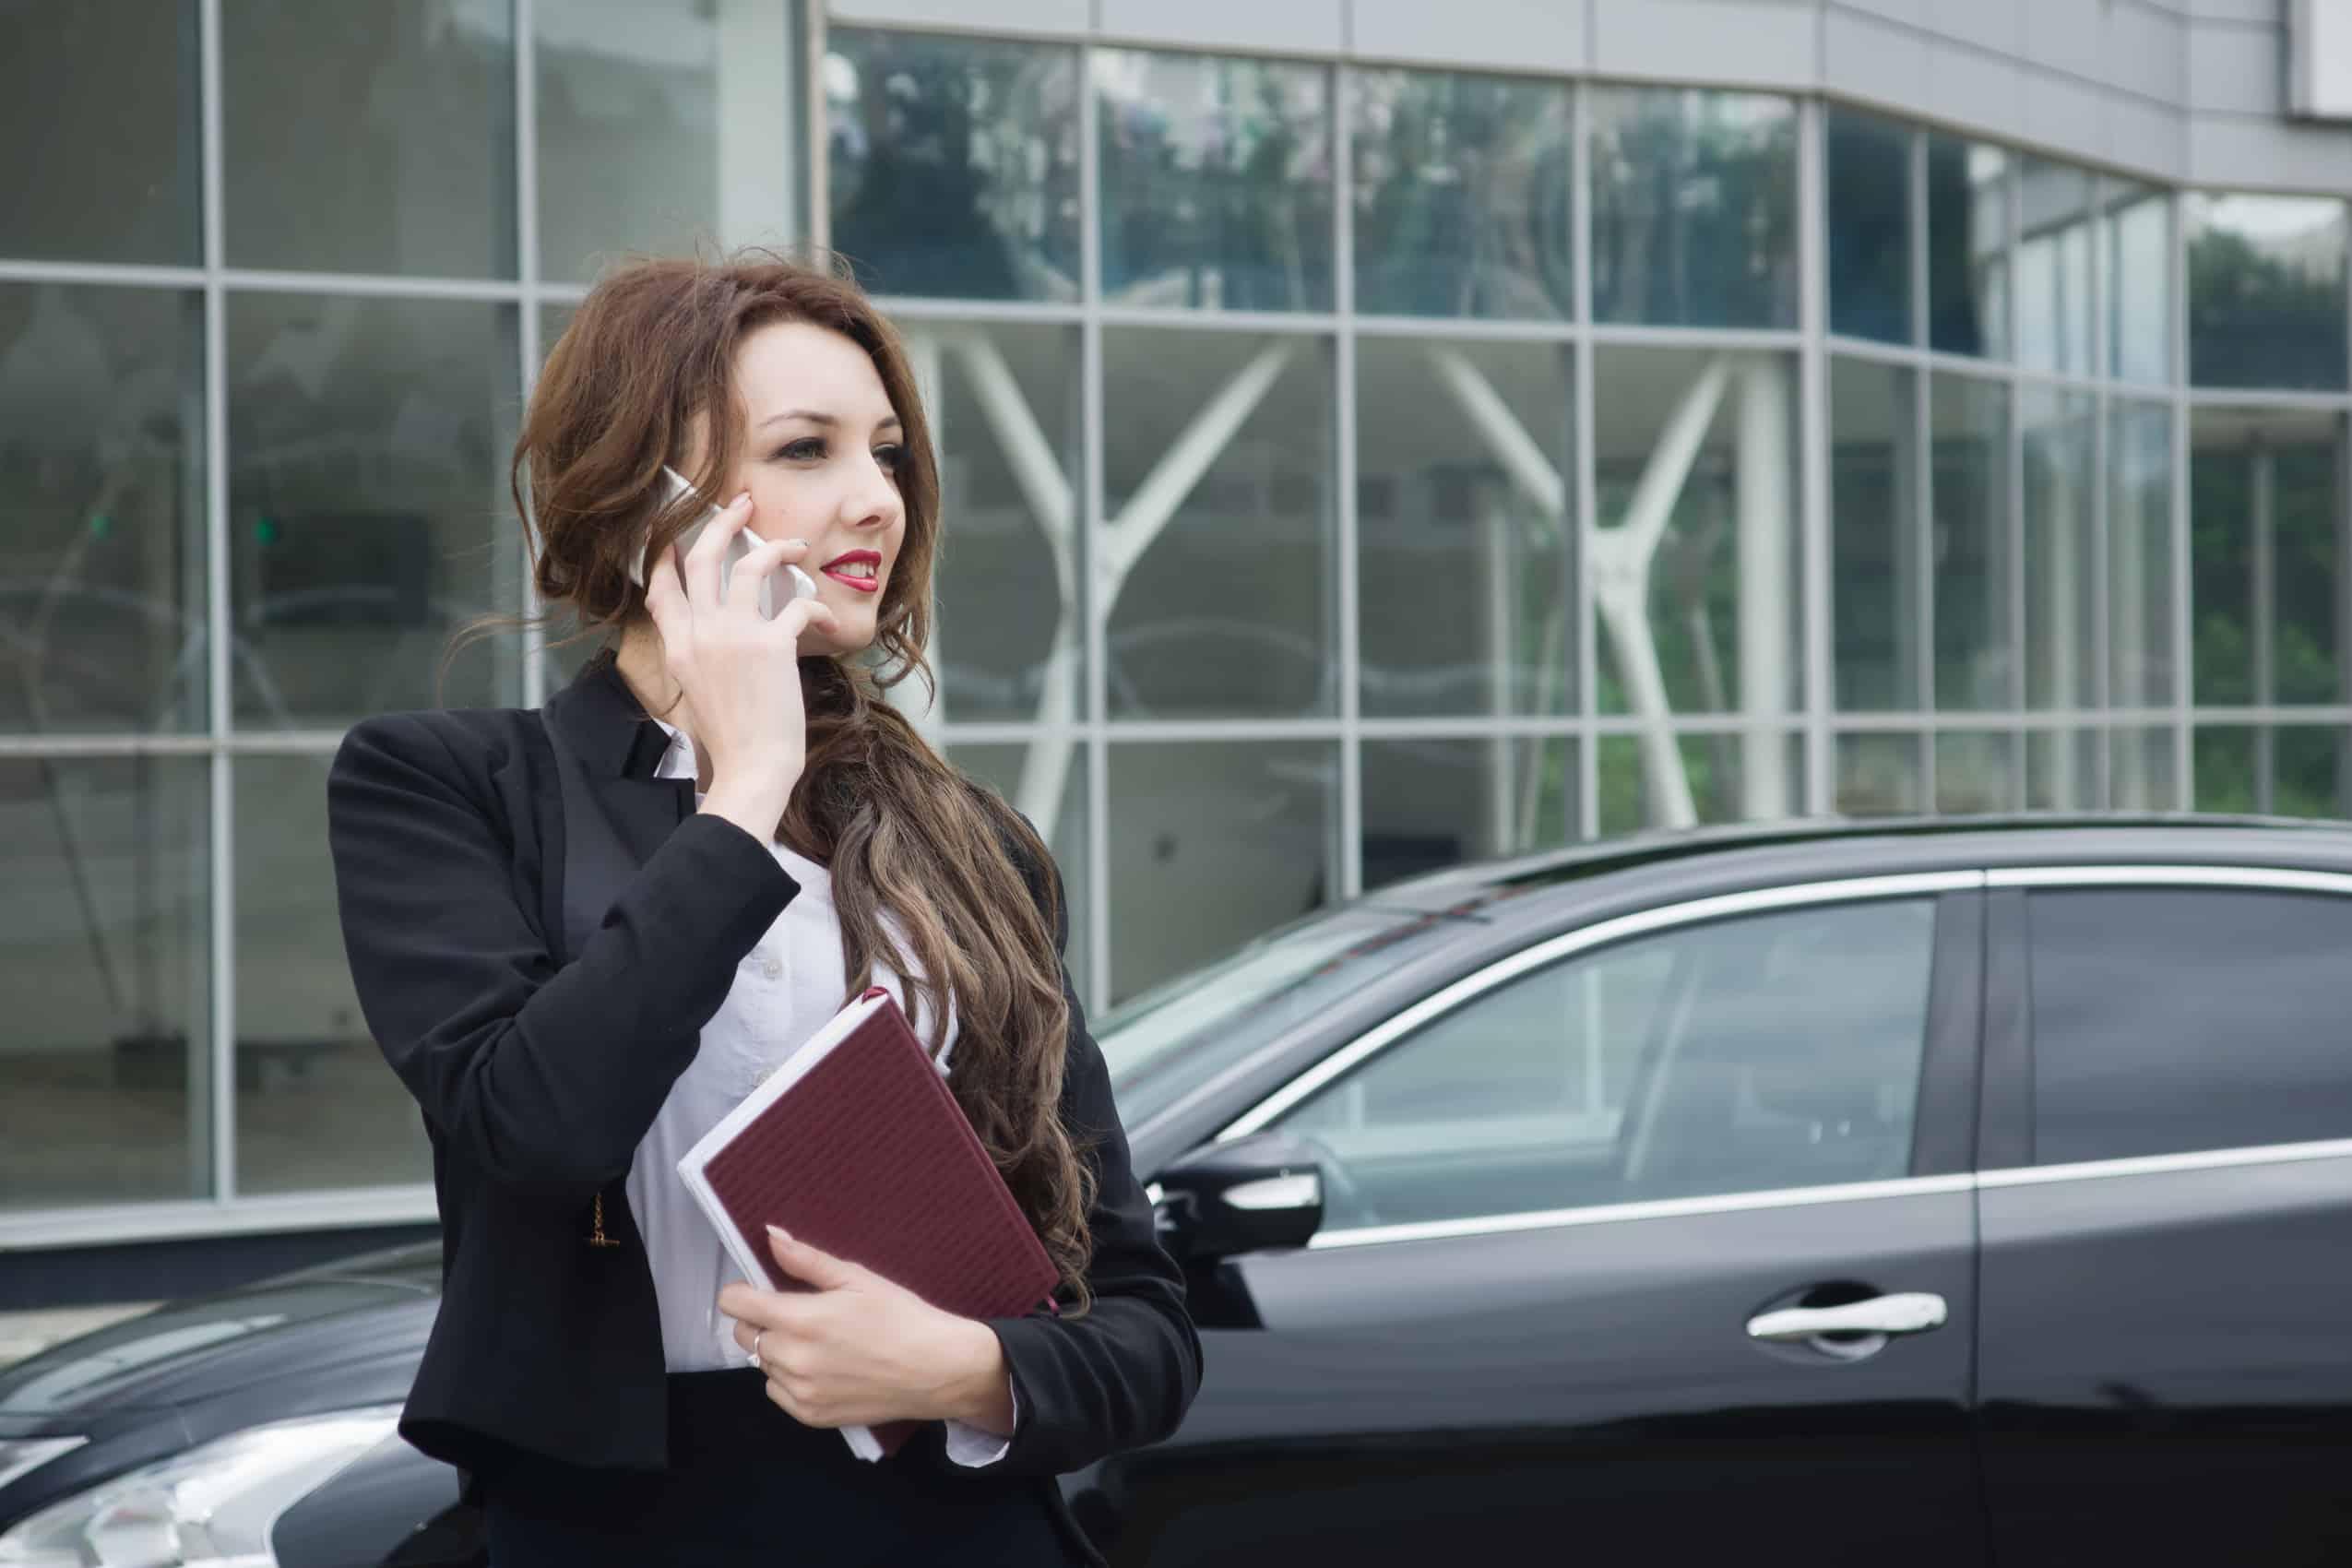 הקשר בין השחרת חלונות והעלת ערך הרכב שלכם